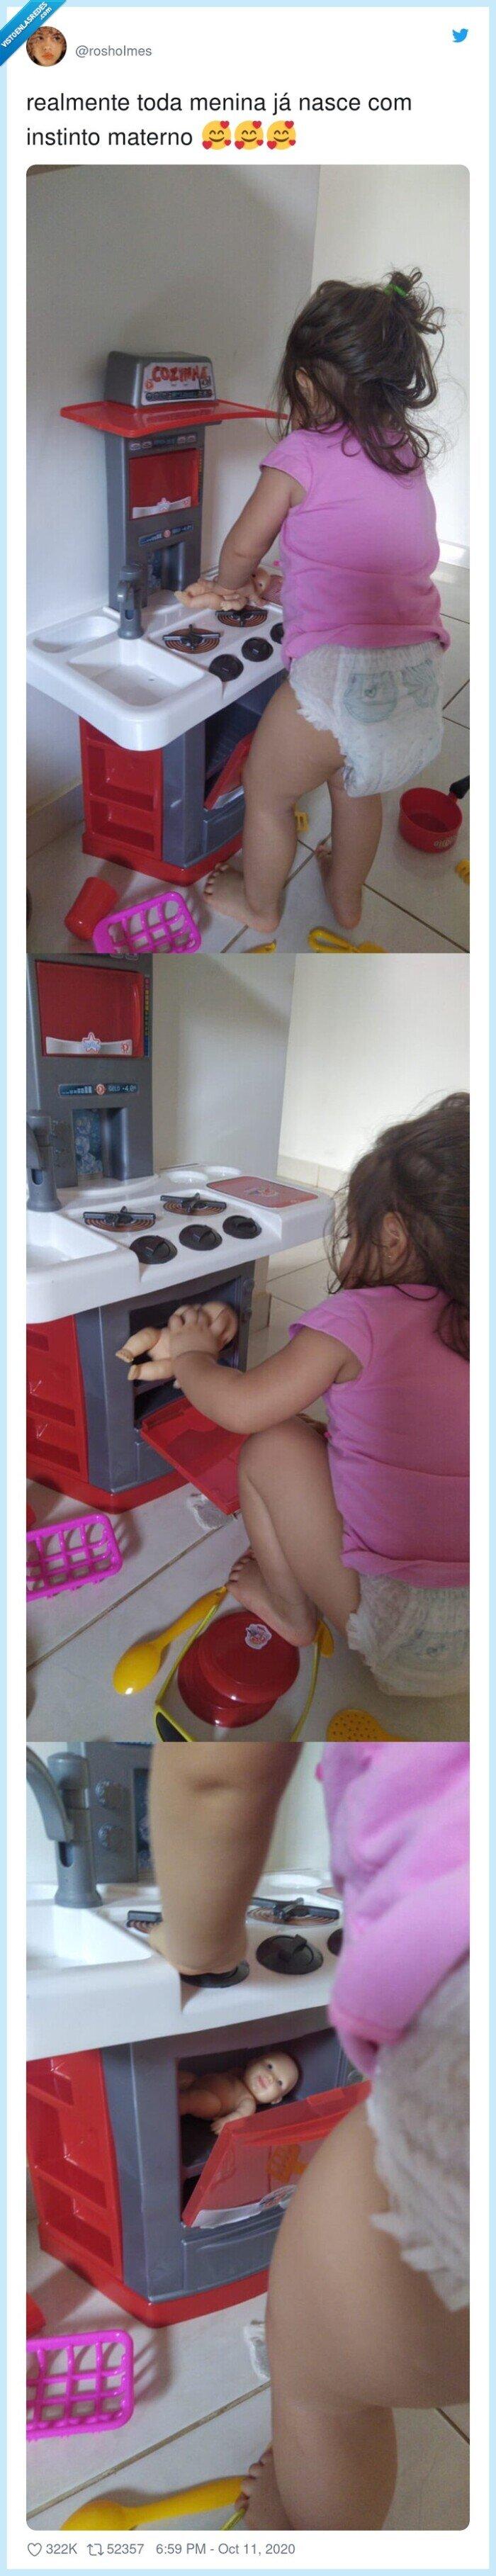 horno,instinto,materno,muñeco,niña